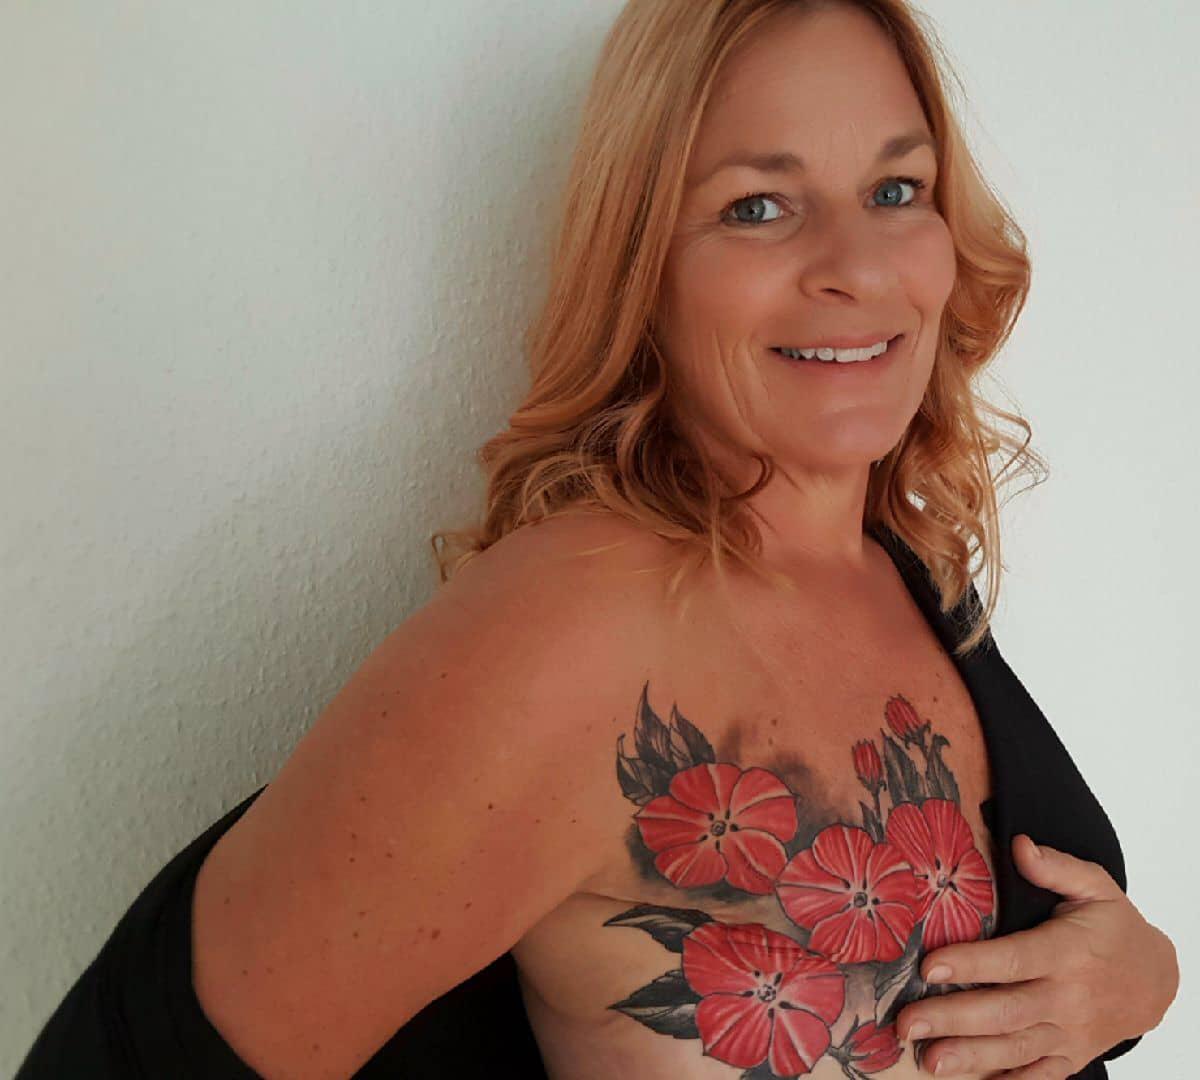 tatueringar ukrainare stort bröst